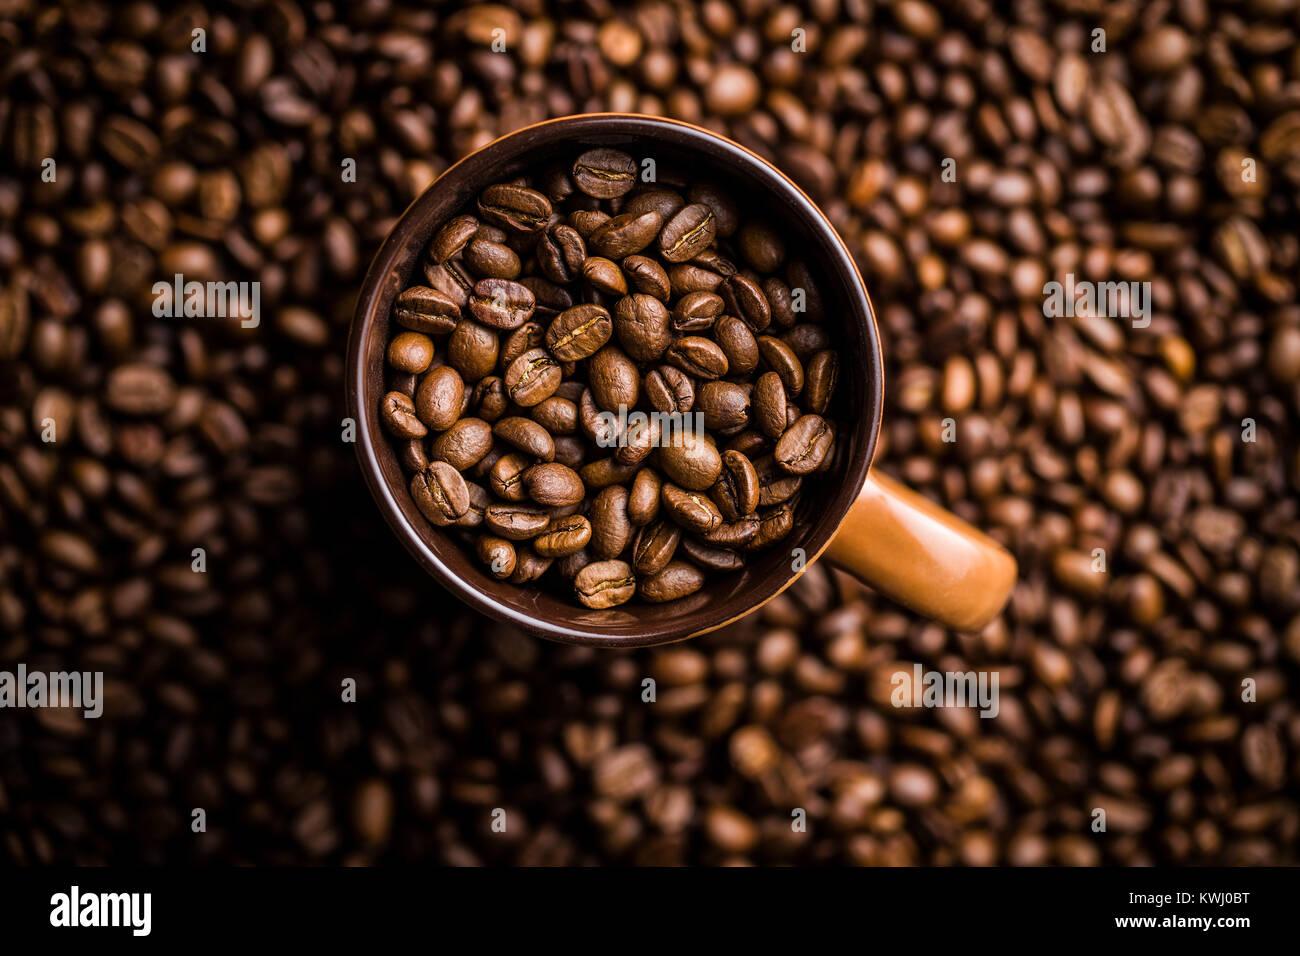 Geröstete Kaffeebohnen in der Tasse. Stockbild